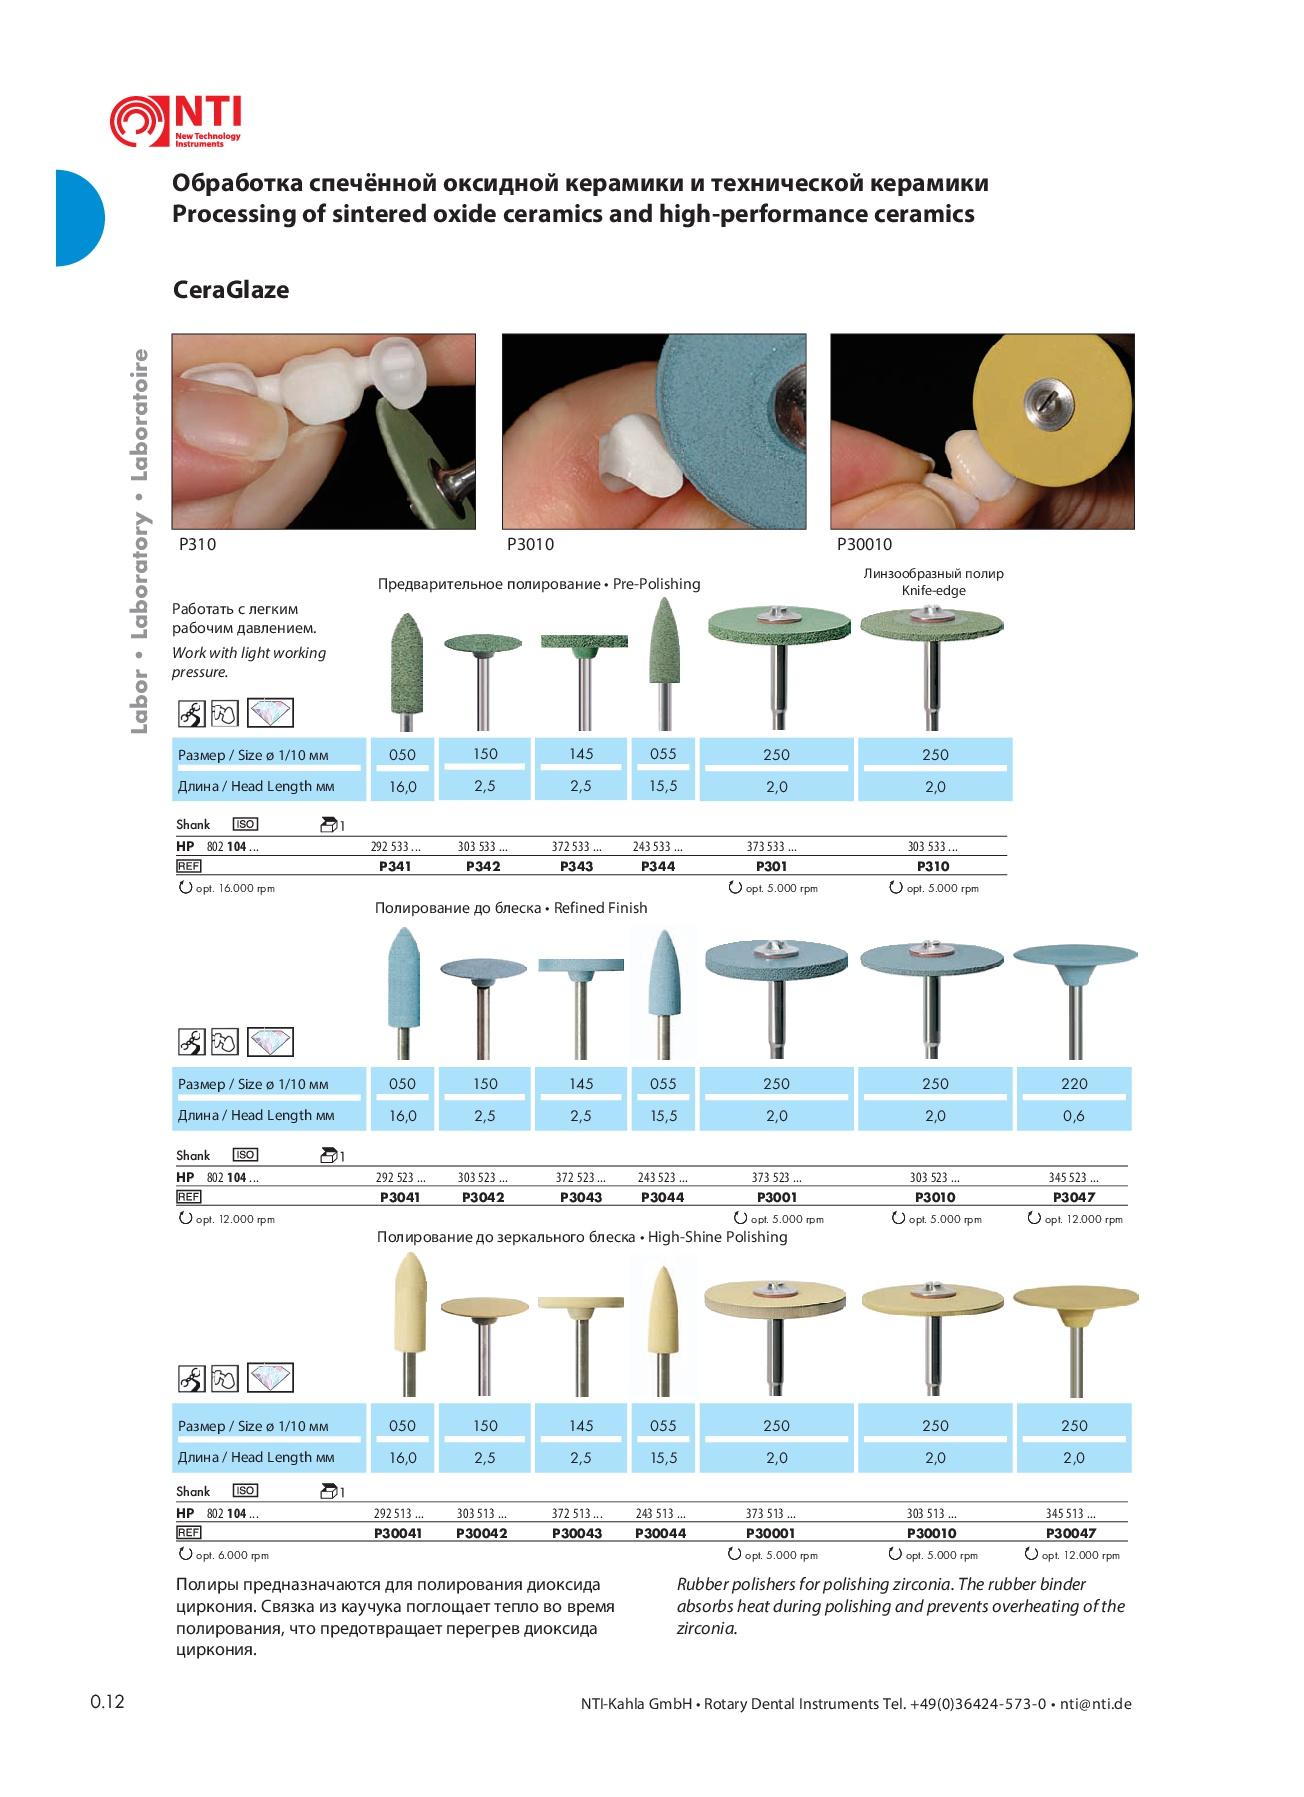 Обработка технической керамики11